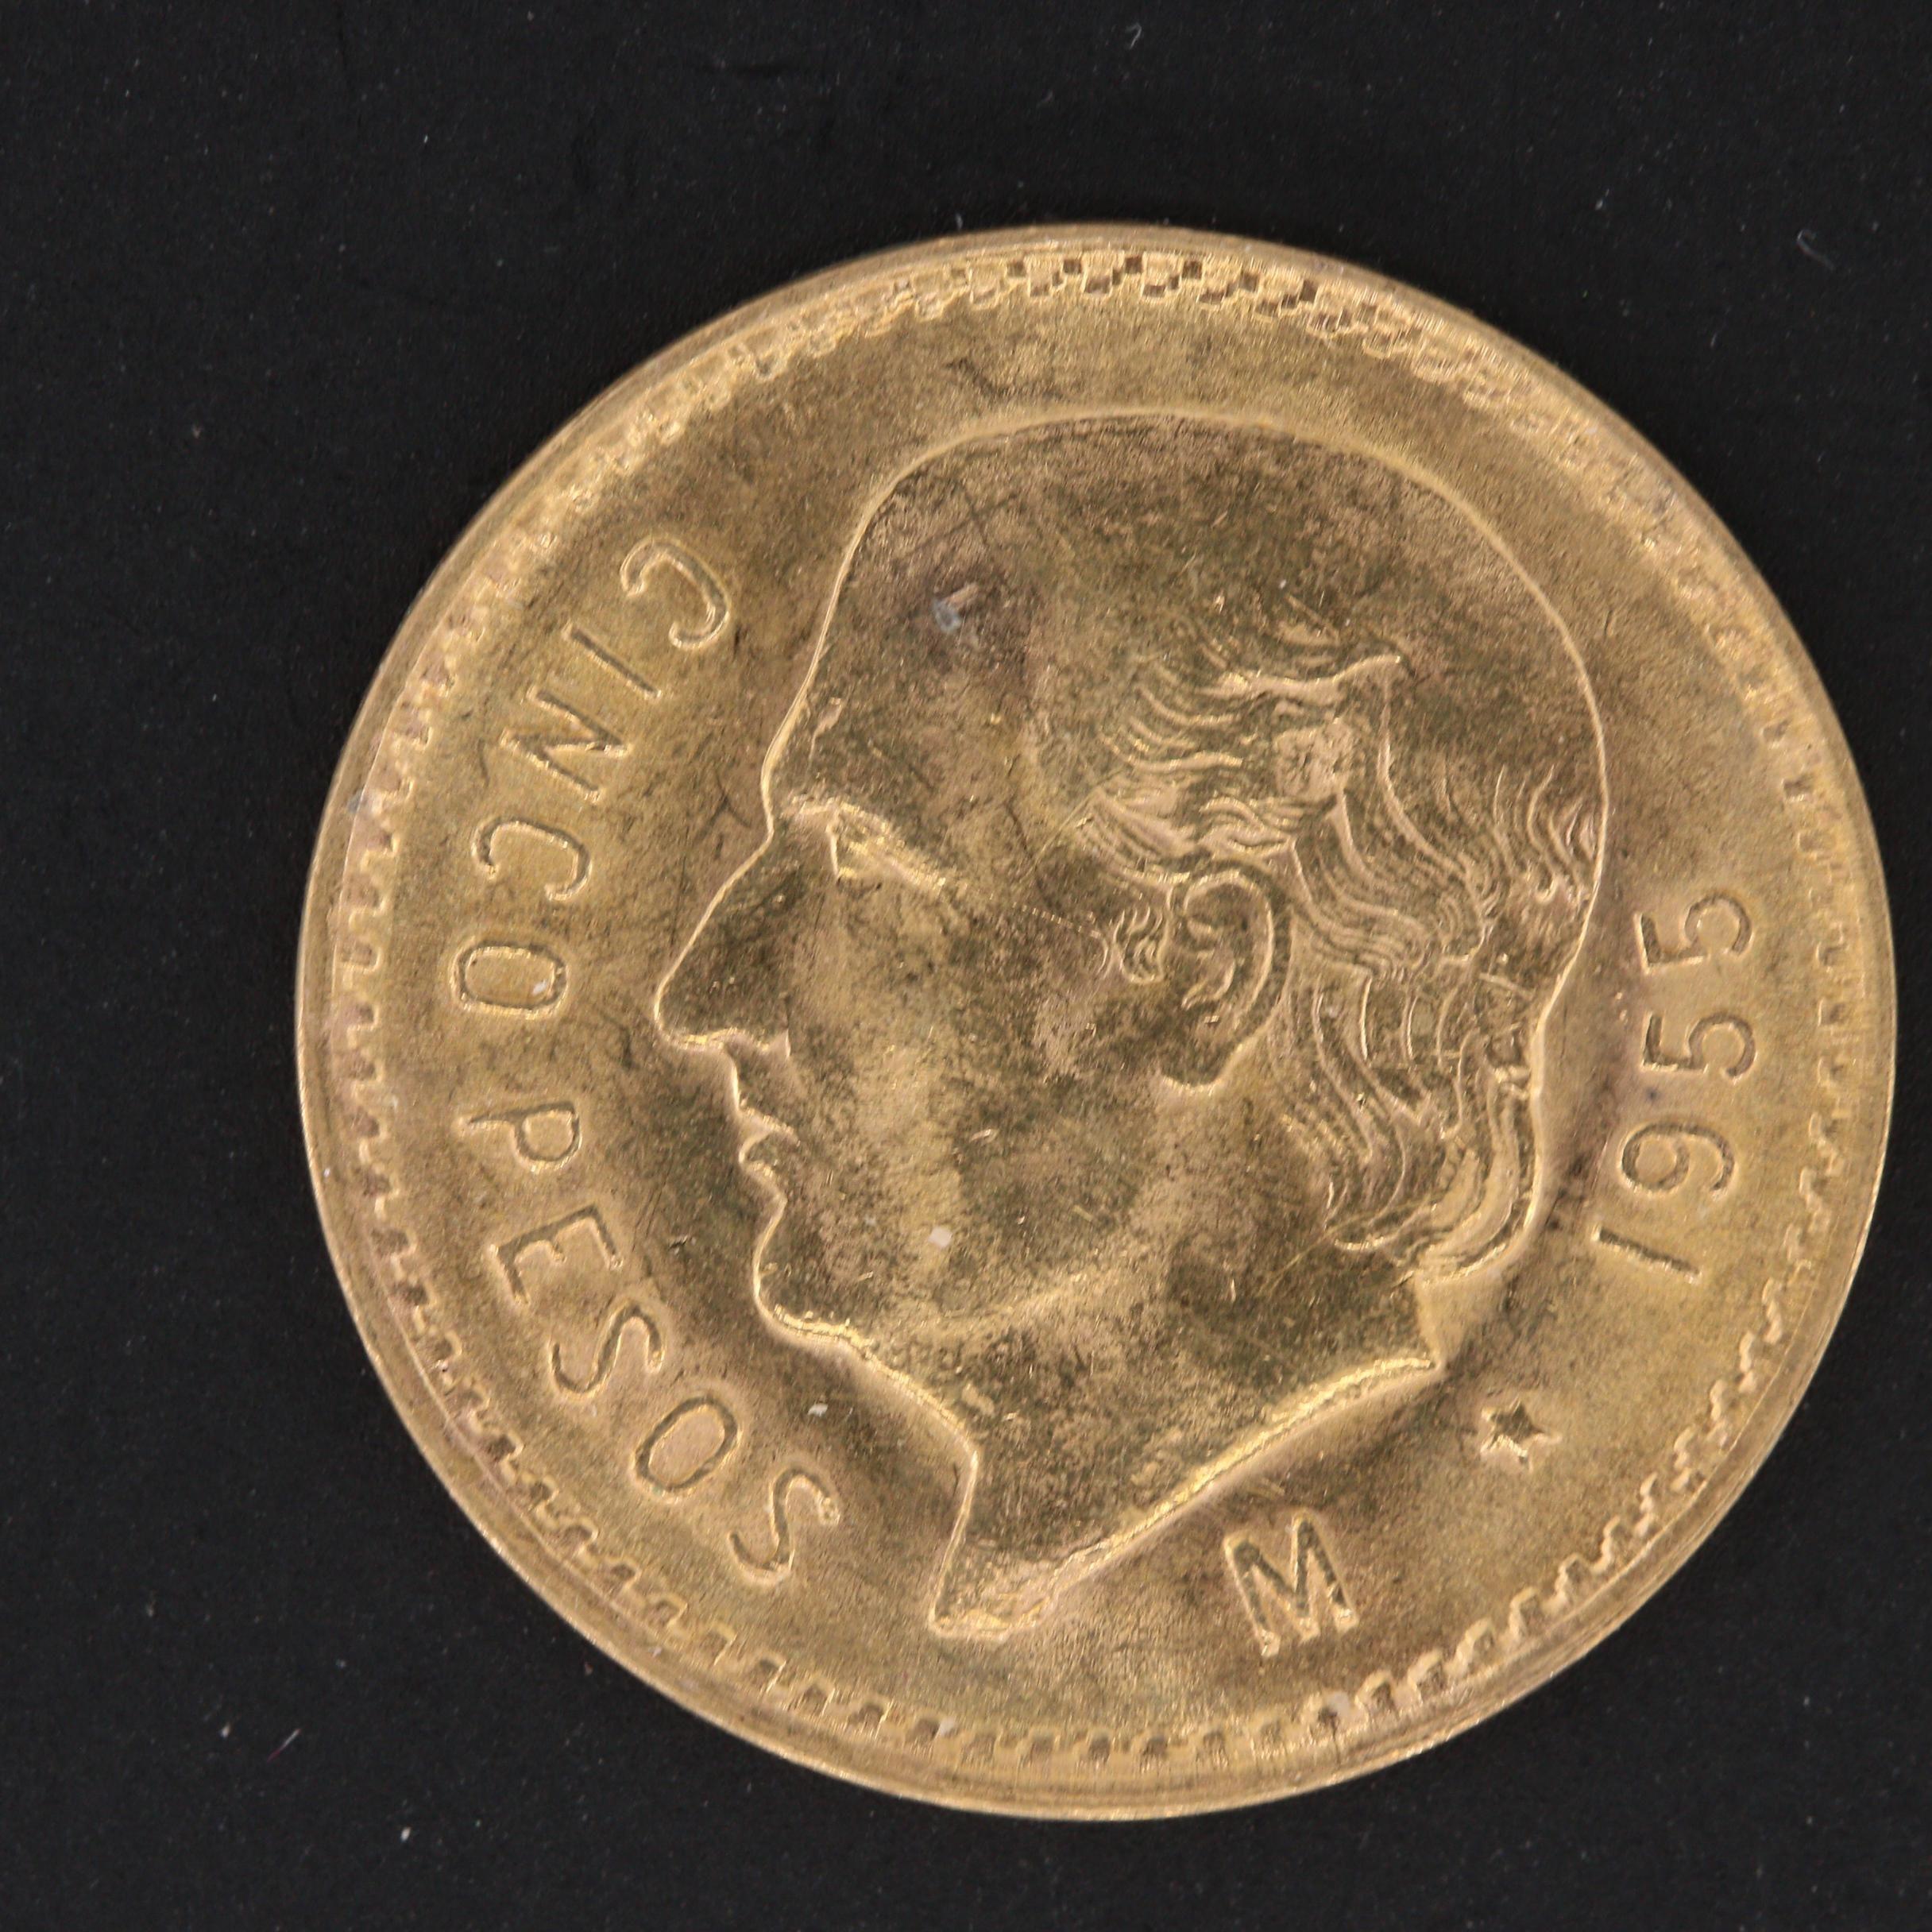 1955-M Mexico 5 Pesos Restike Gold Coin